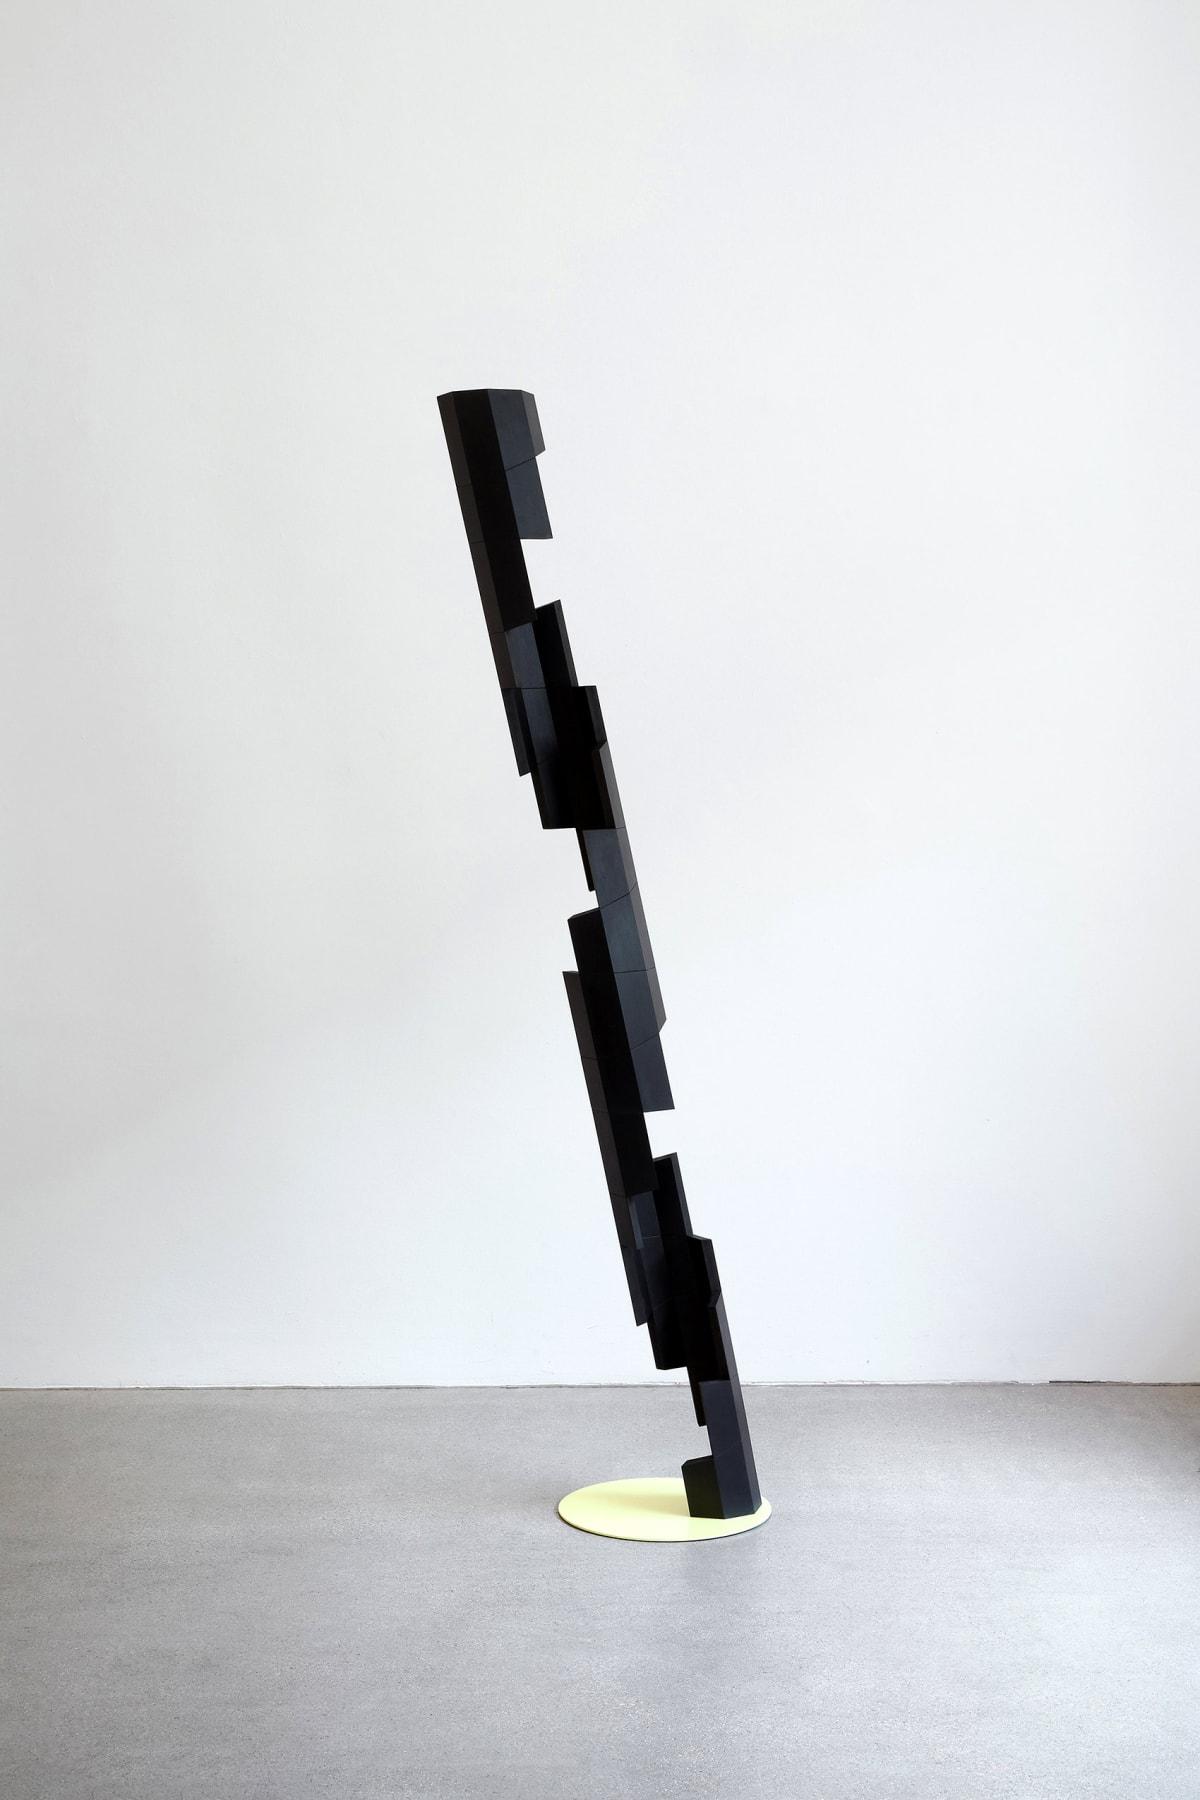 roman pfeffer, artist, transart, a black metal sculpture by artist Roman Pfeffer